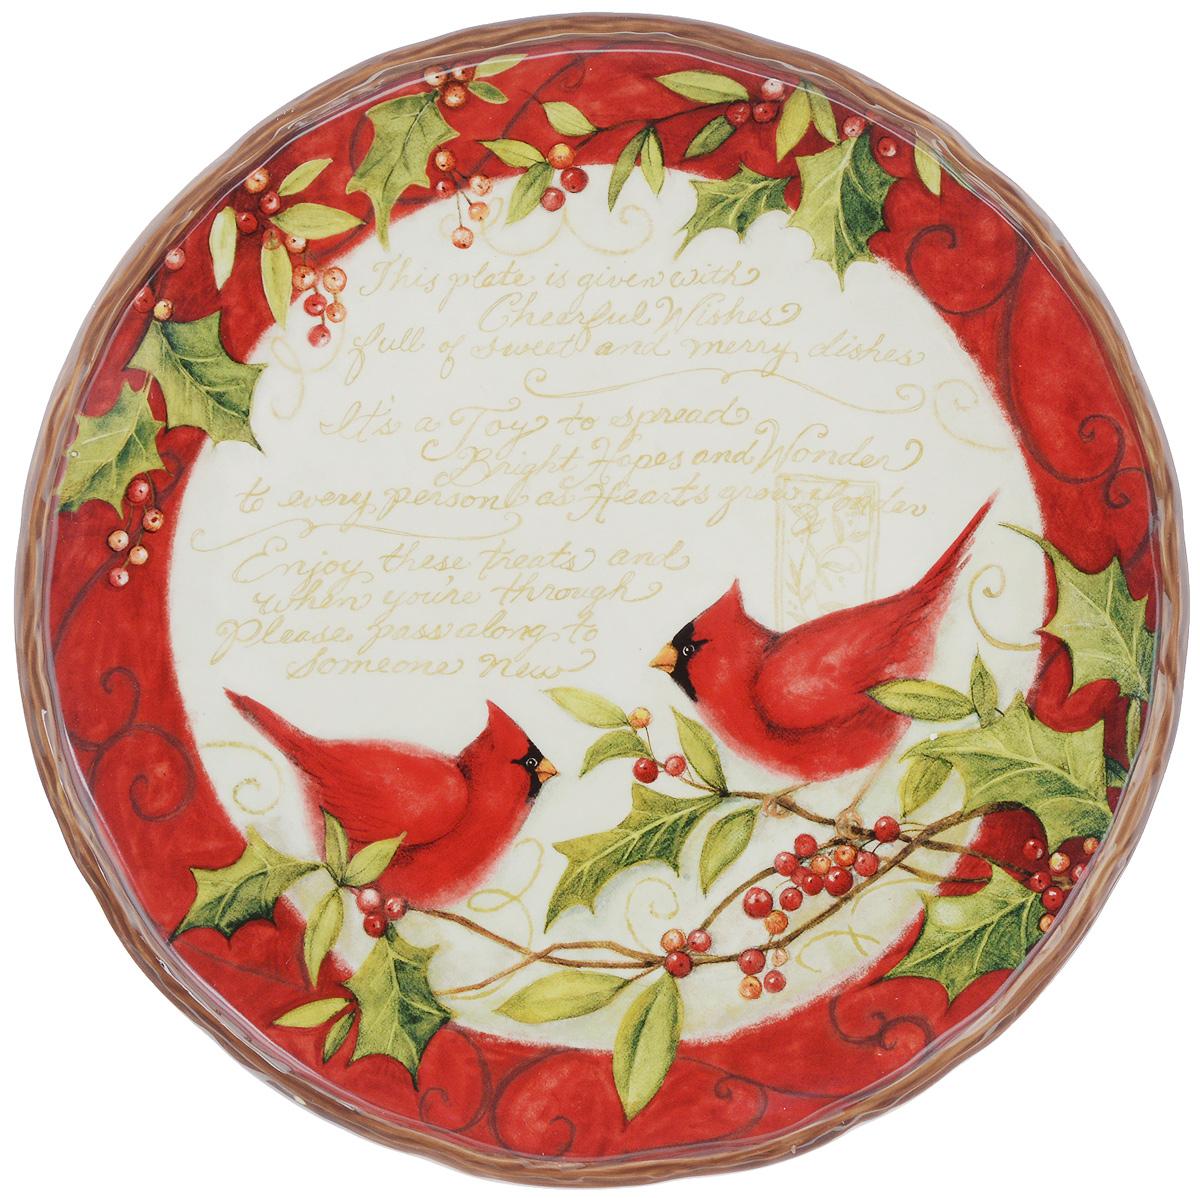 Блюдо Certified International Зимнее чудо, диаметр 30 см115510Блюдо Certified International Зимнее чудо, изготовленное из керамики, отлично подойдет для красивой сервировки различных блюд. Изделие придется по вкусу и ценителям классики, и тем, кто предпочитает утонченность и изысканность.Блюдо Certified International Зимнее чудо идеально подойдет для сервировки стола и станет отличным подарком к любому празднику.Диаметр по верхнему краю: 30 см.